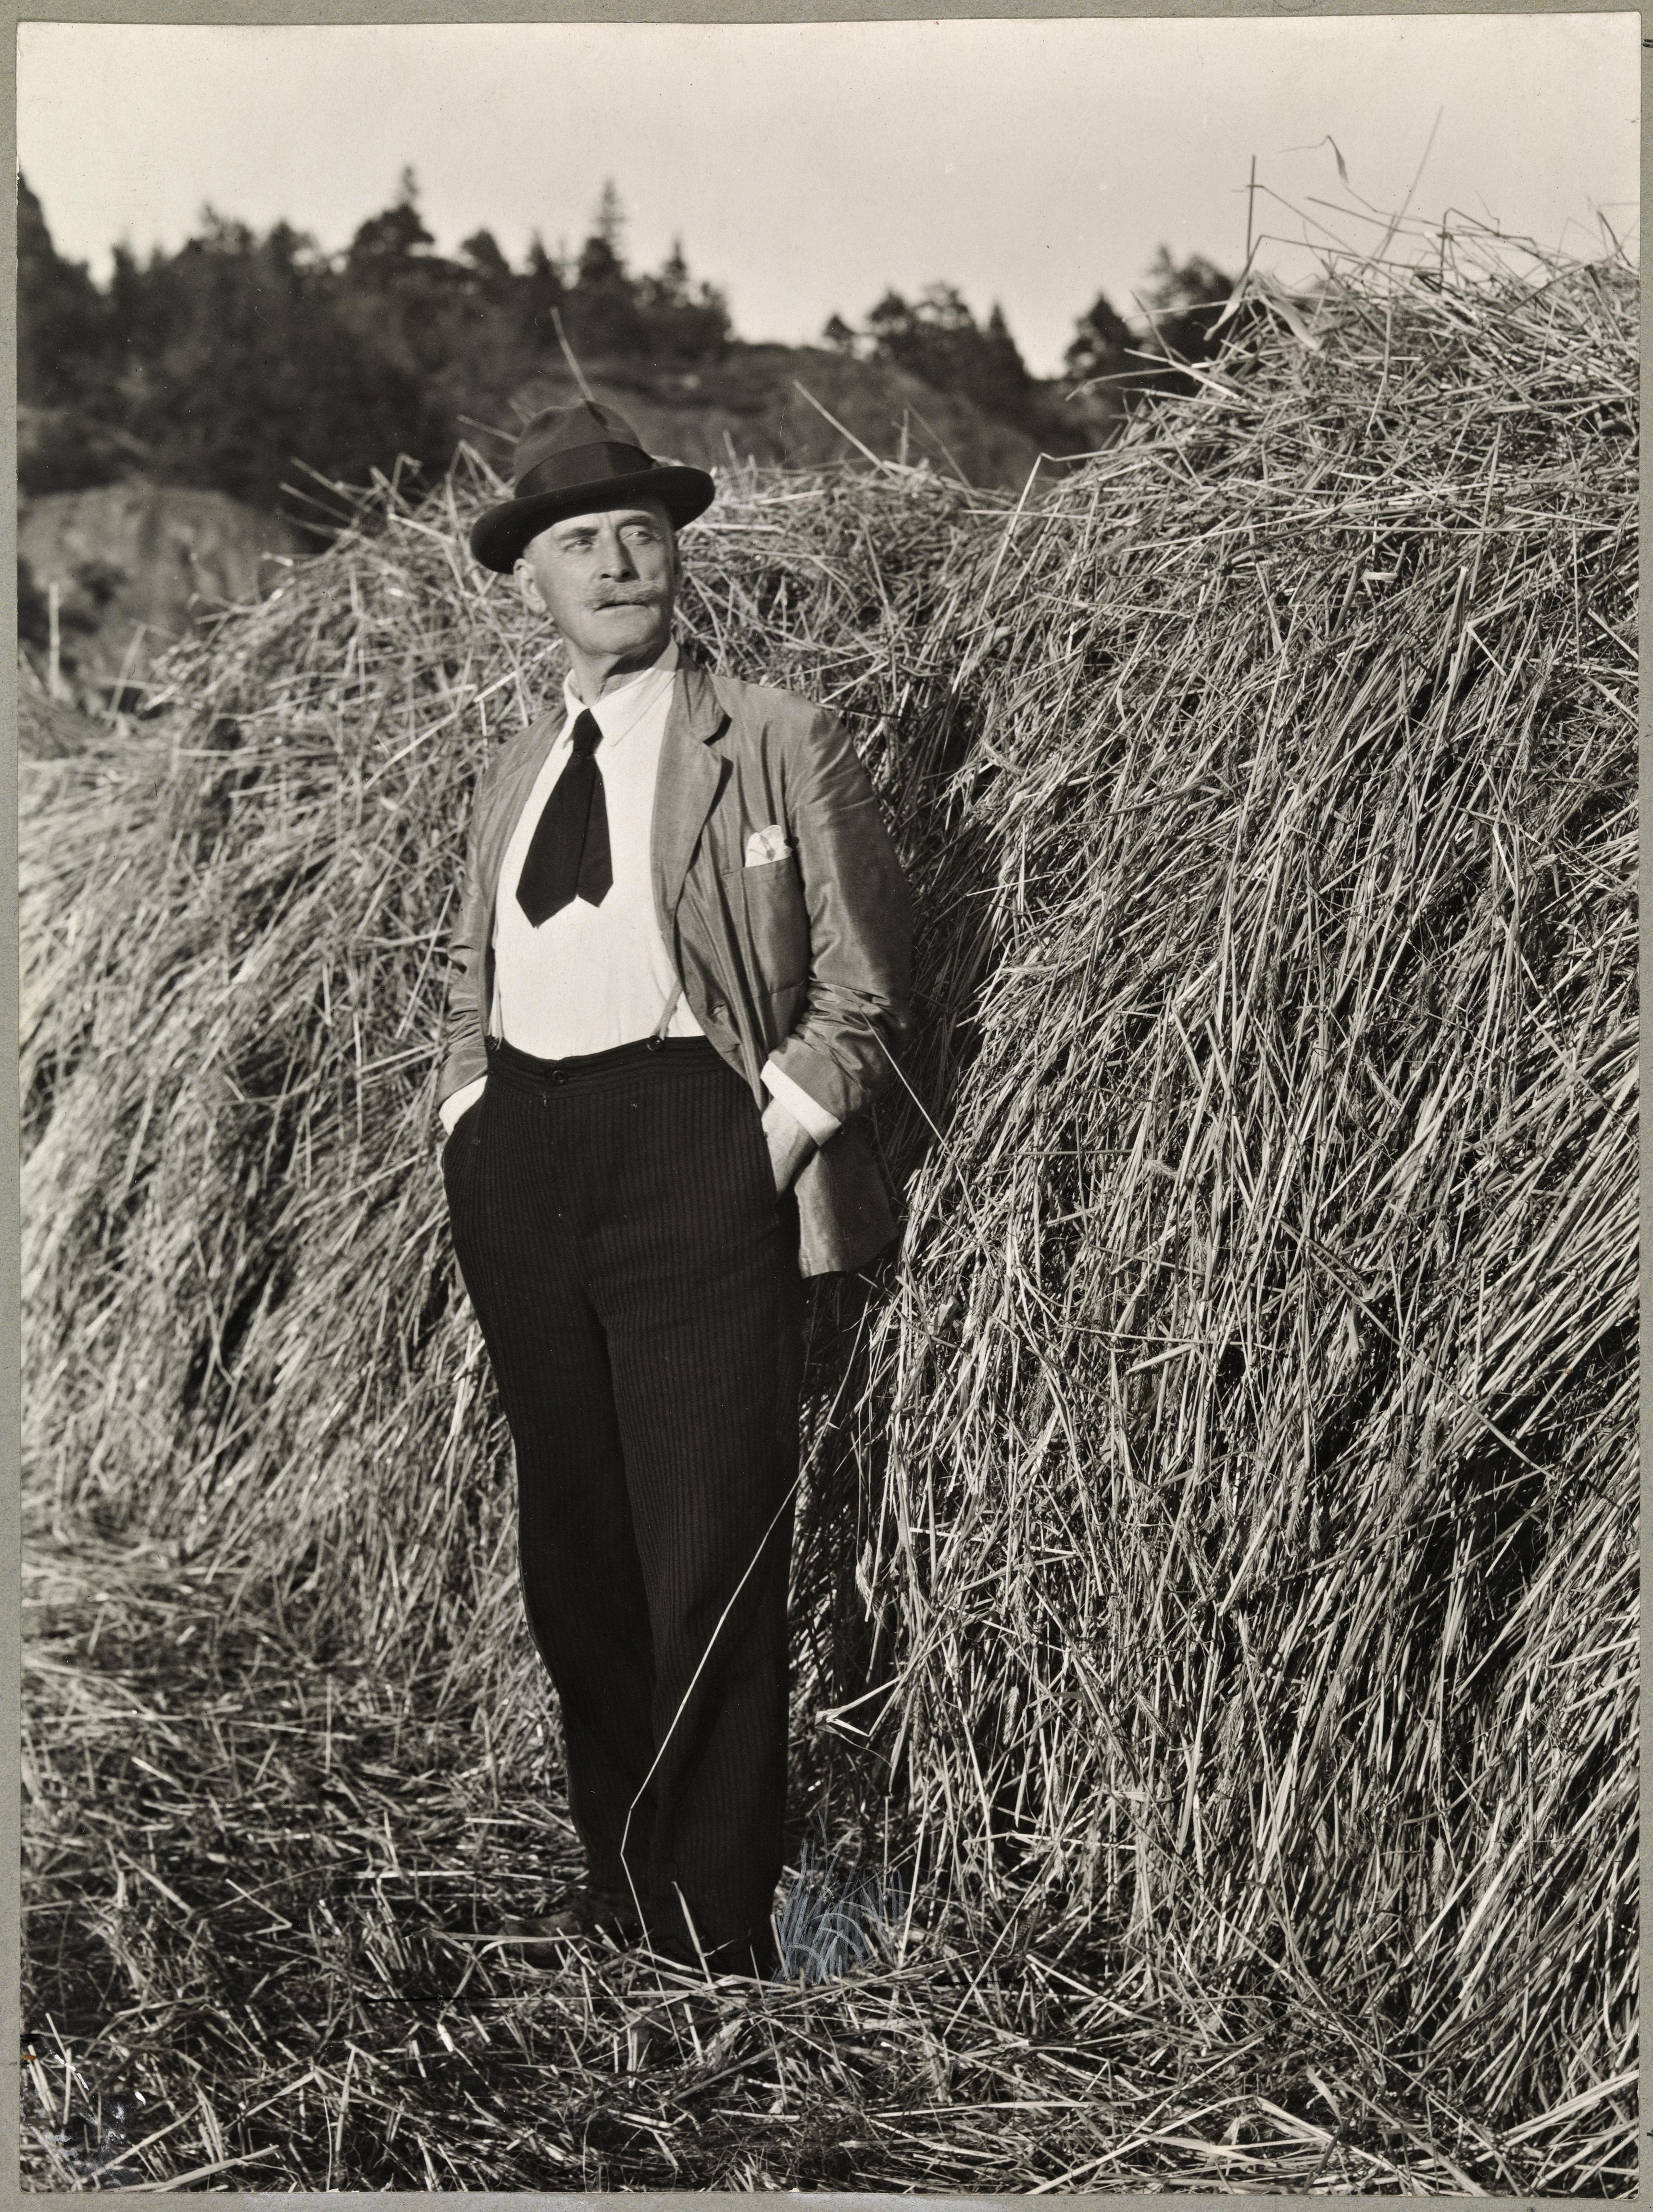 Portrett av Knut Hamsun (1859-1952) på Nørholm, 1930